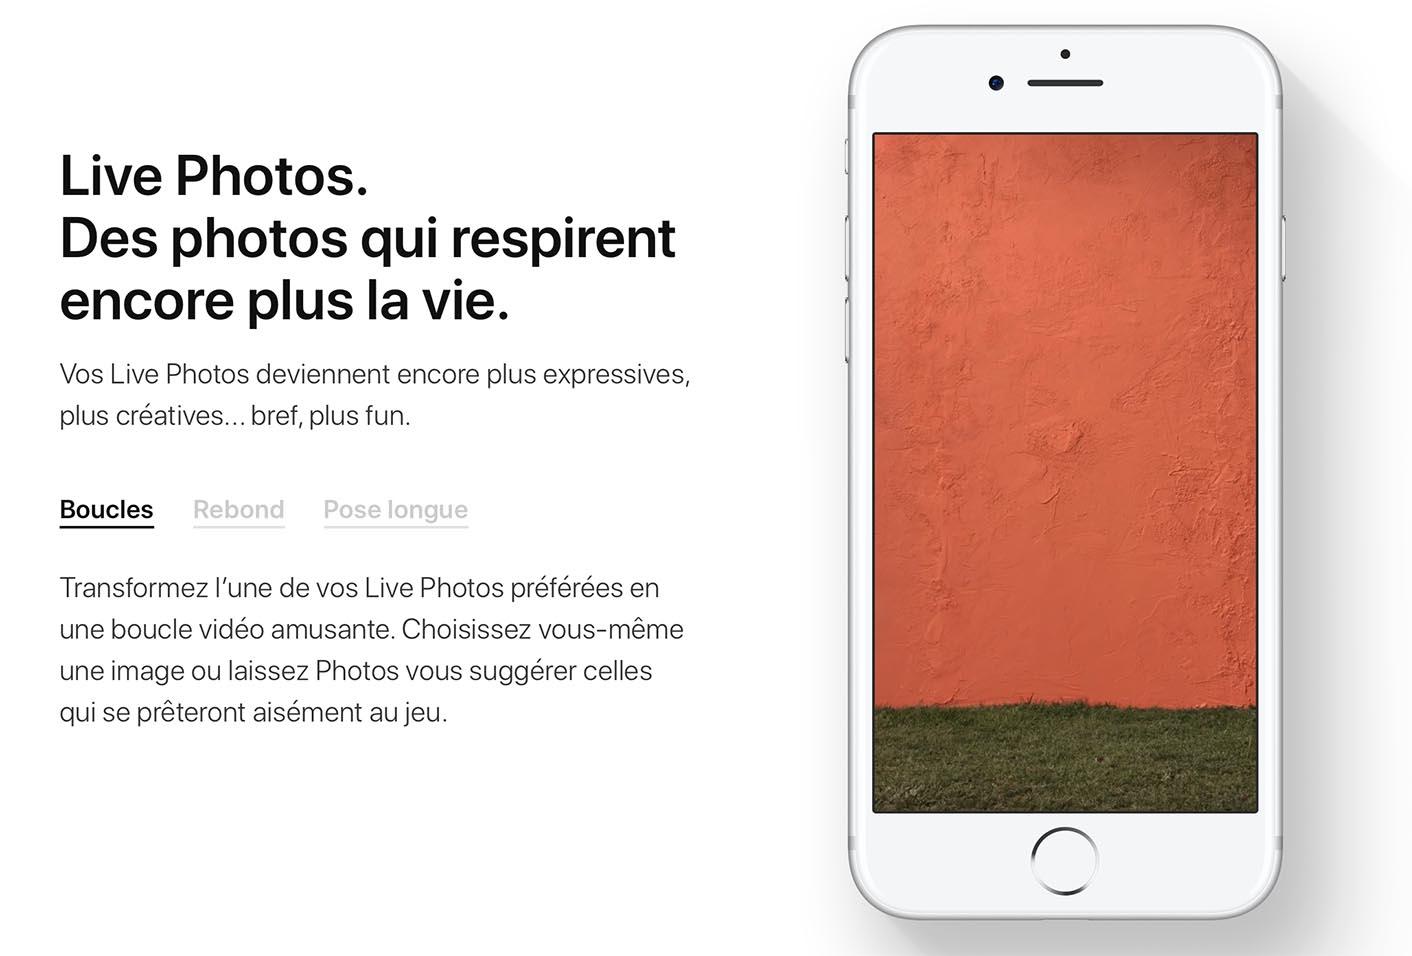 iOS 11 Live Photos